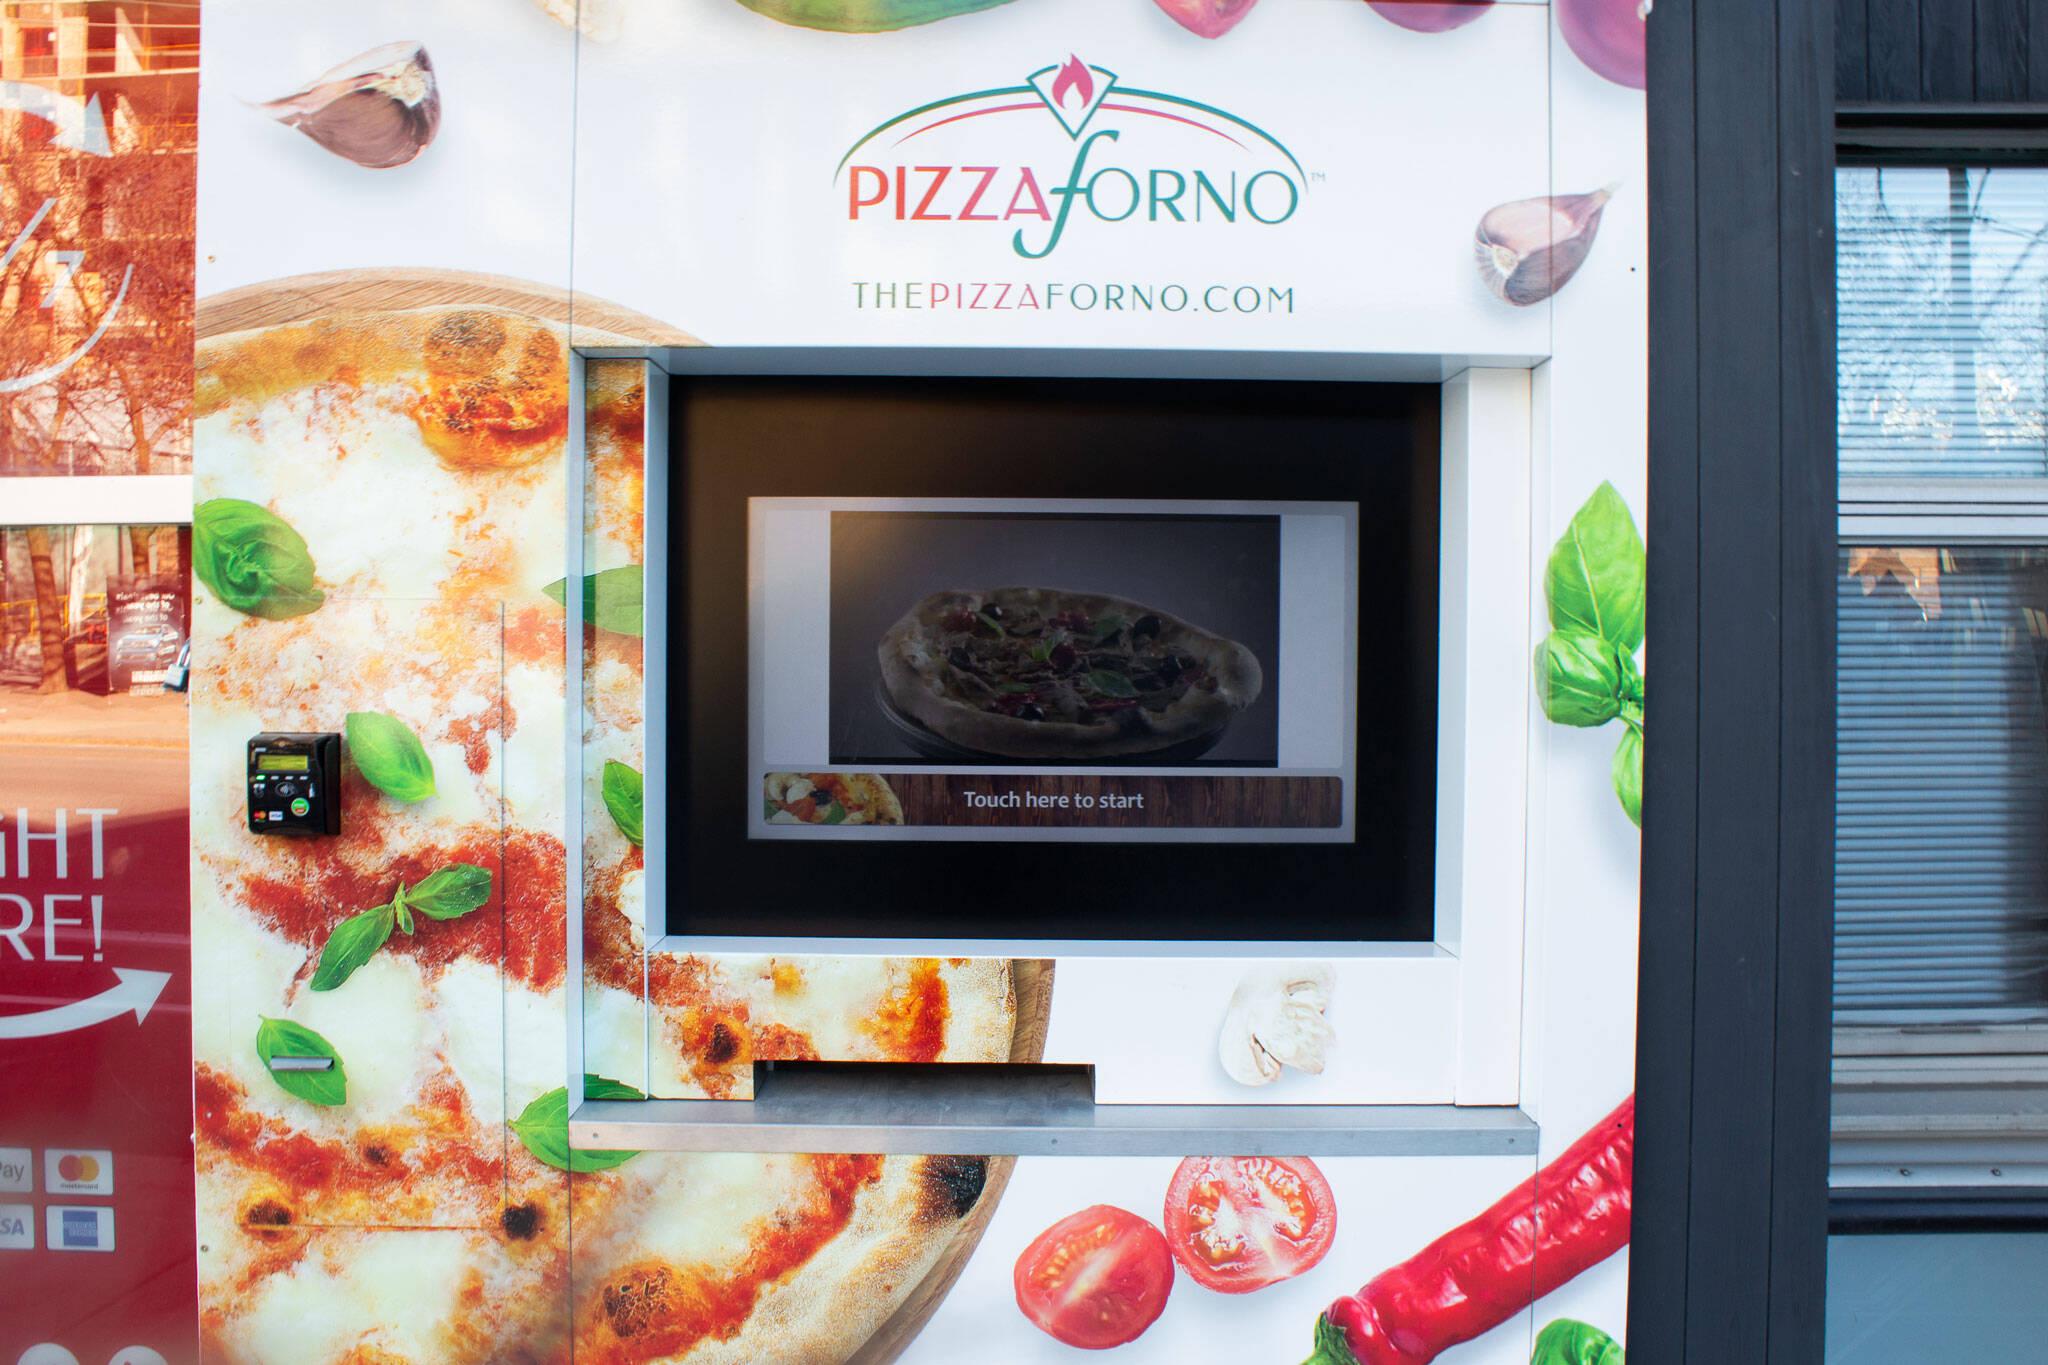 pizza forno toronto